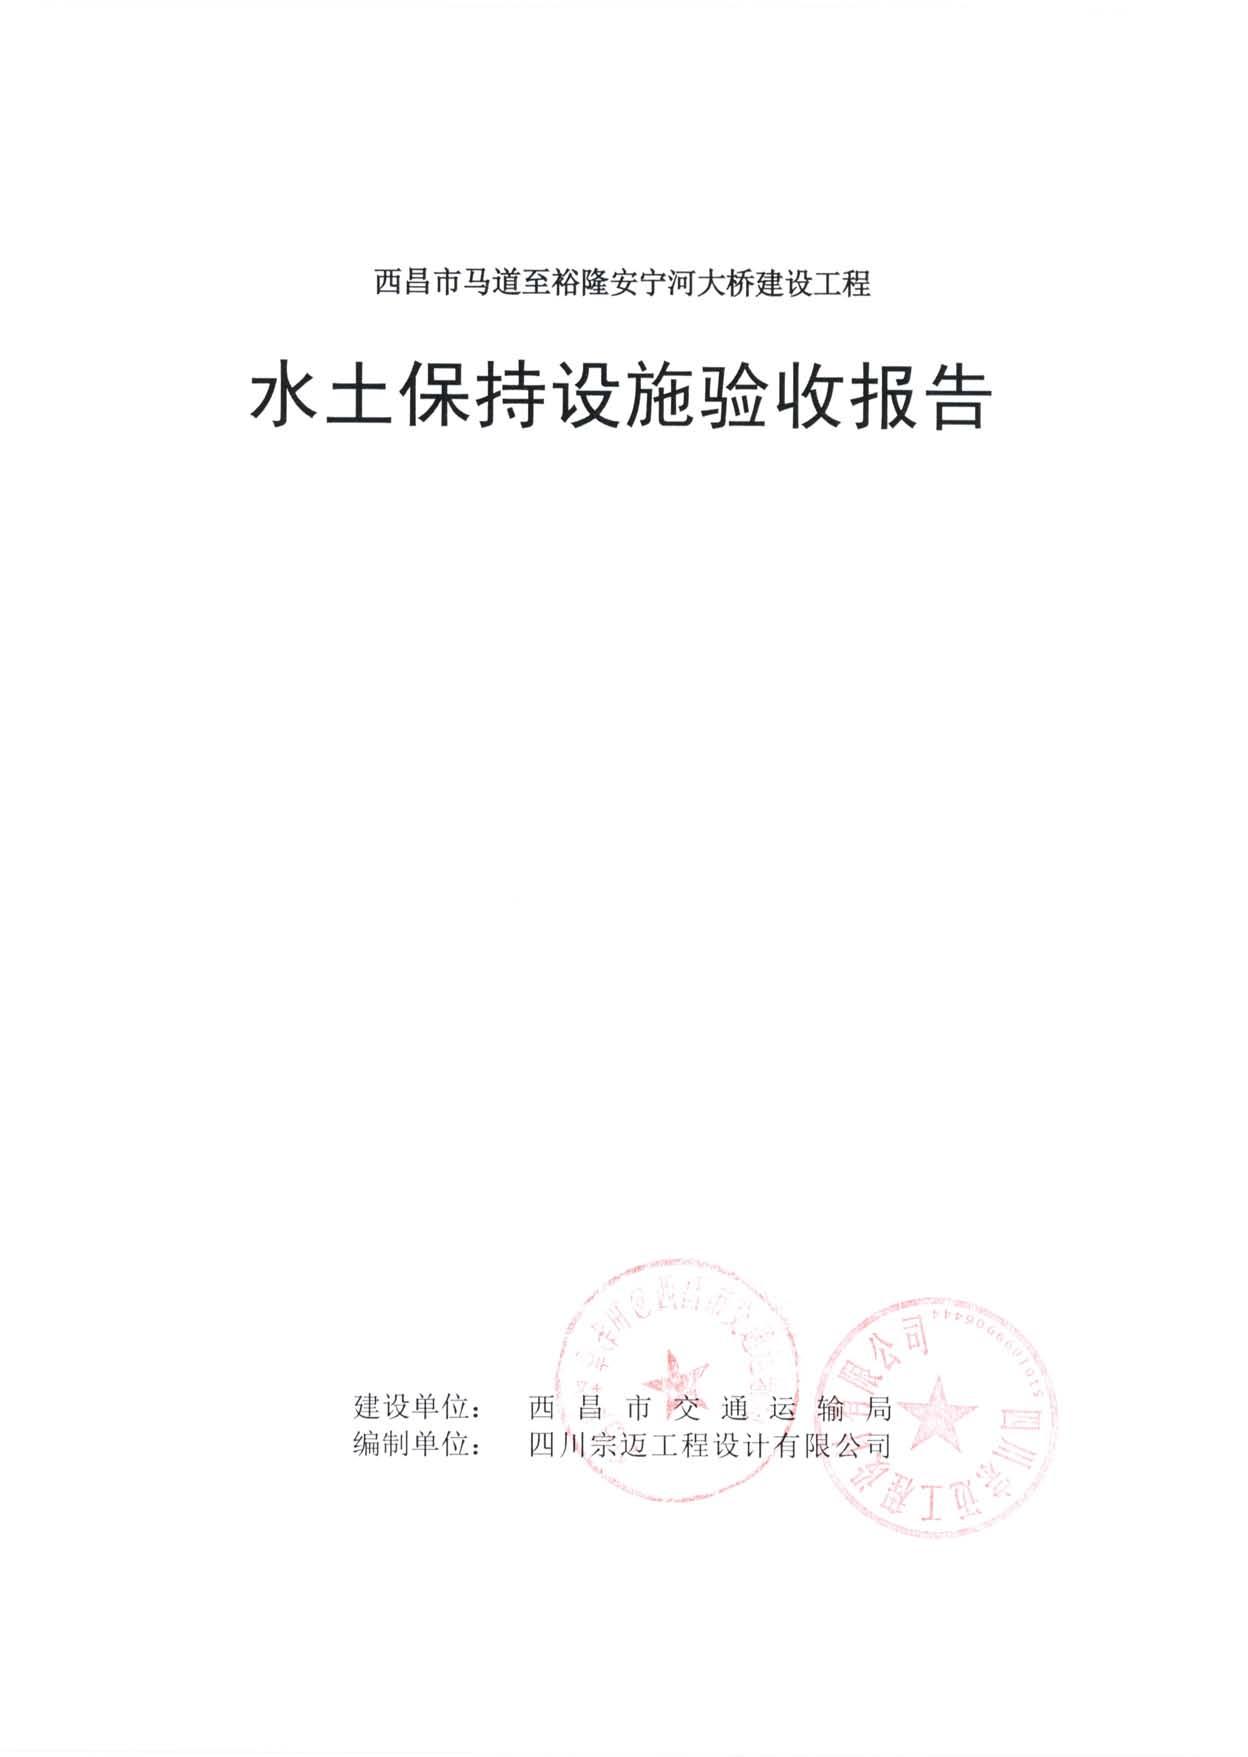 西昌市马道至裕隆安宁河大桥建设工程验收 扉页.jpg